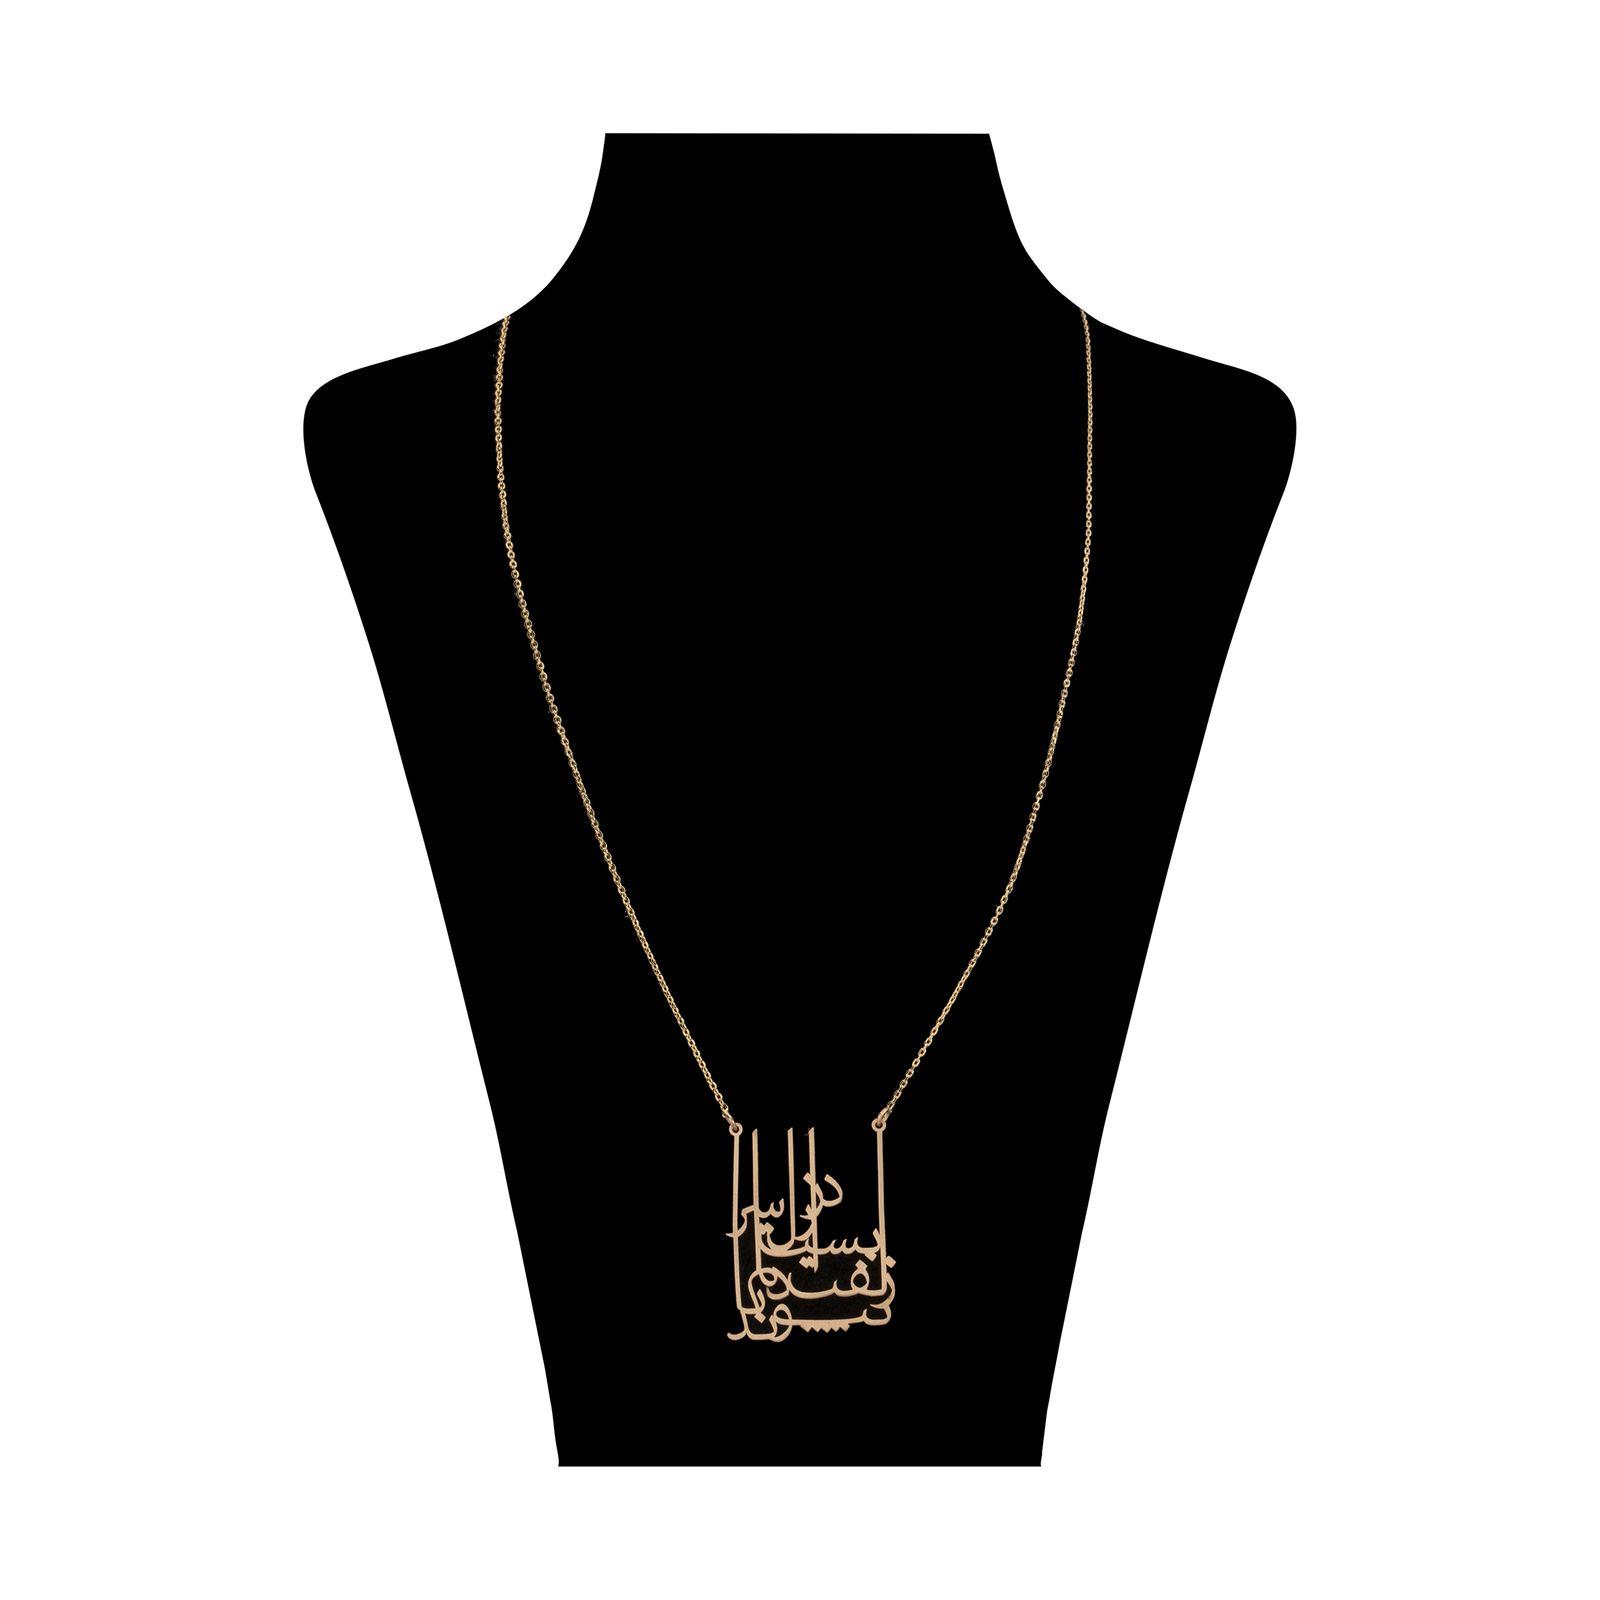 گردنبند طلا 18 عیار زنانه سنجاق مدل X075648 -  - 1